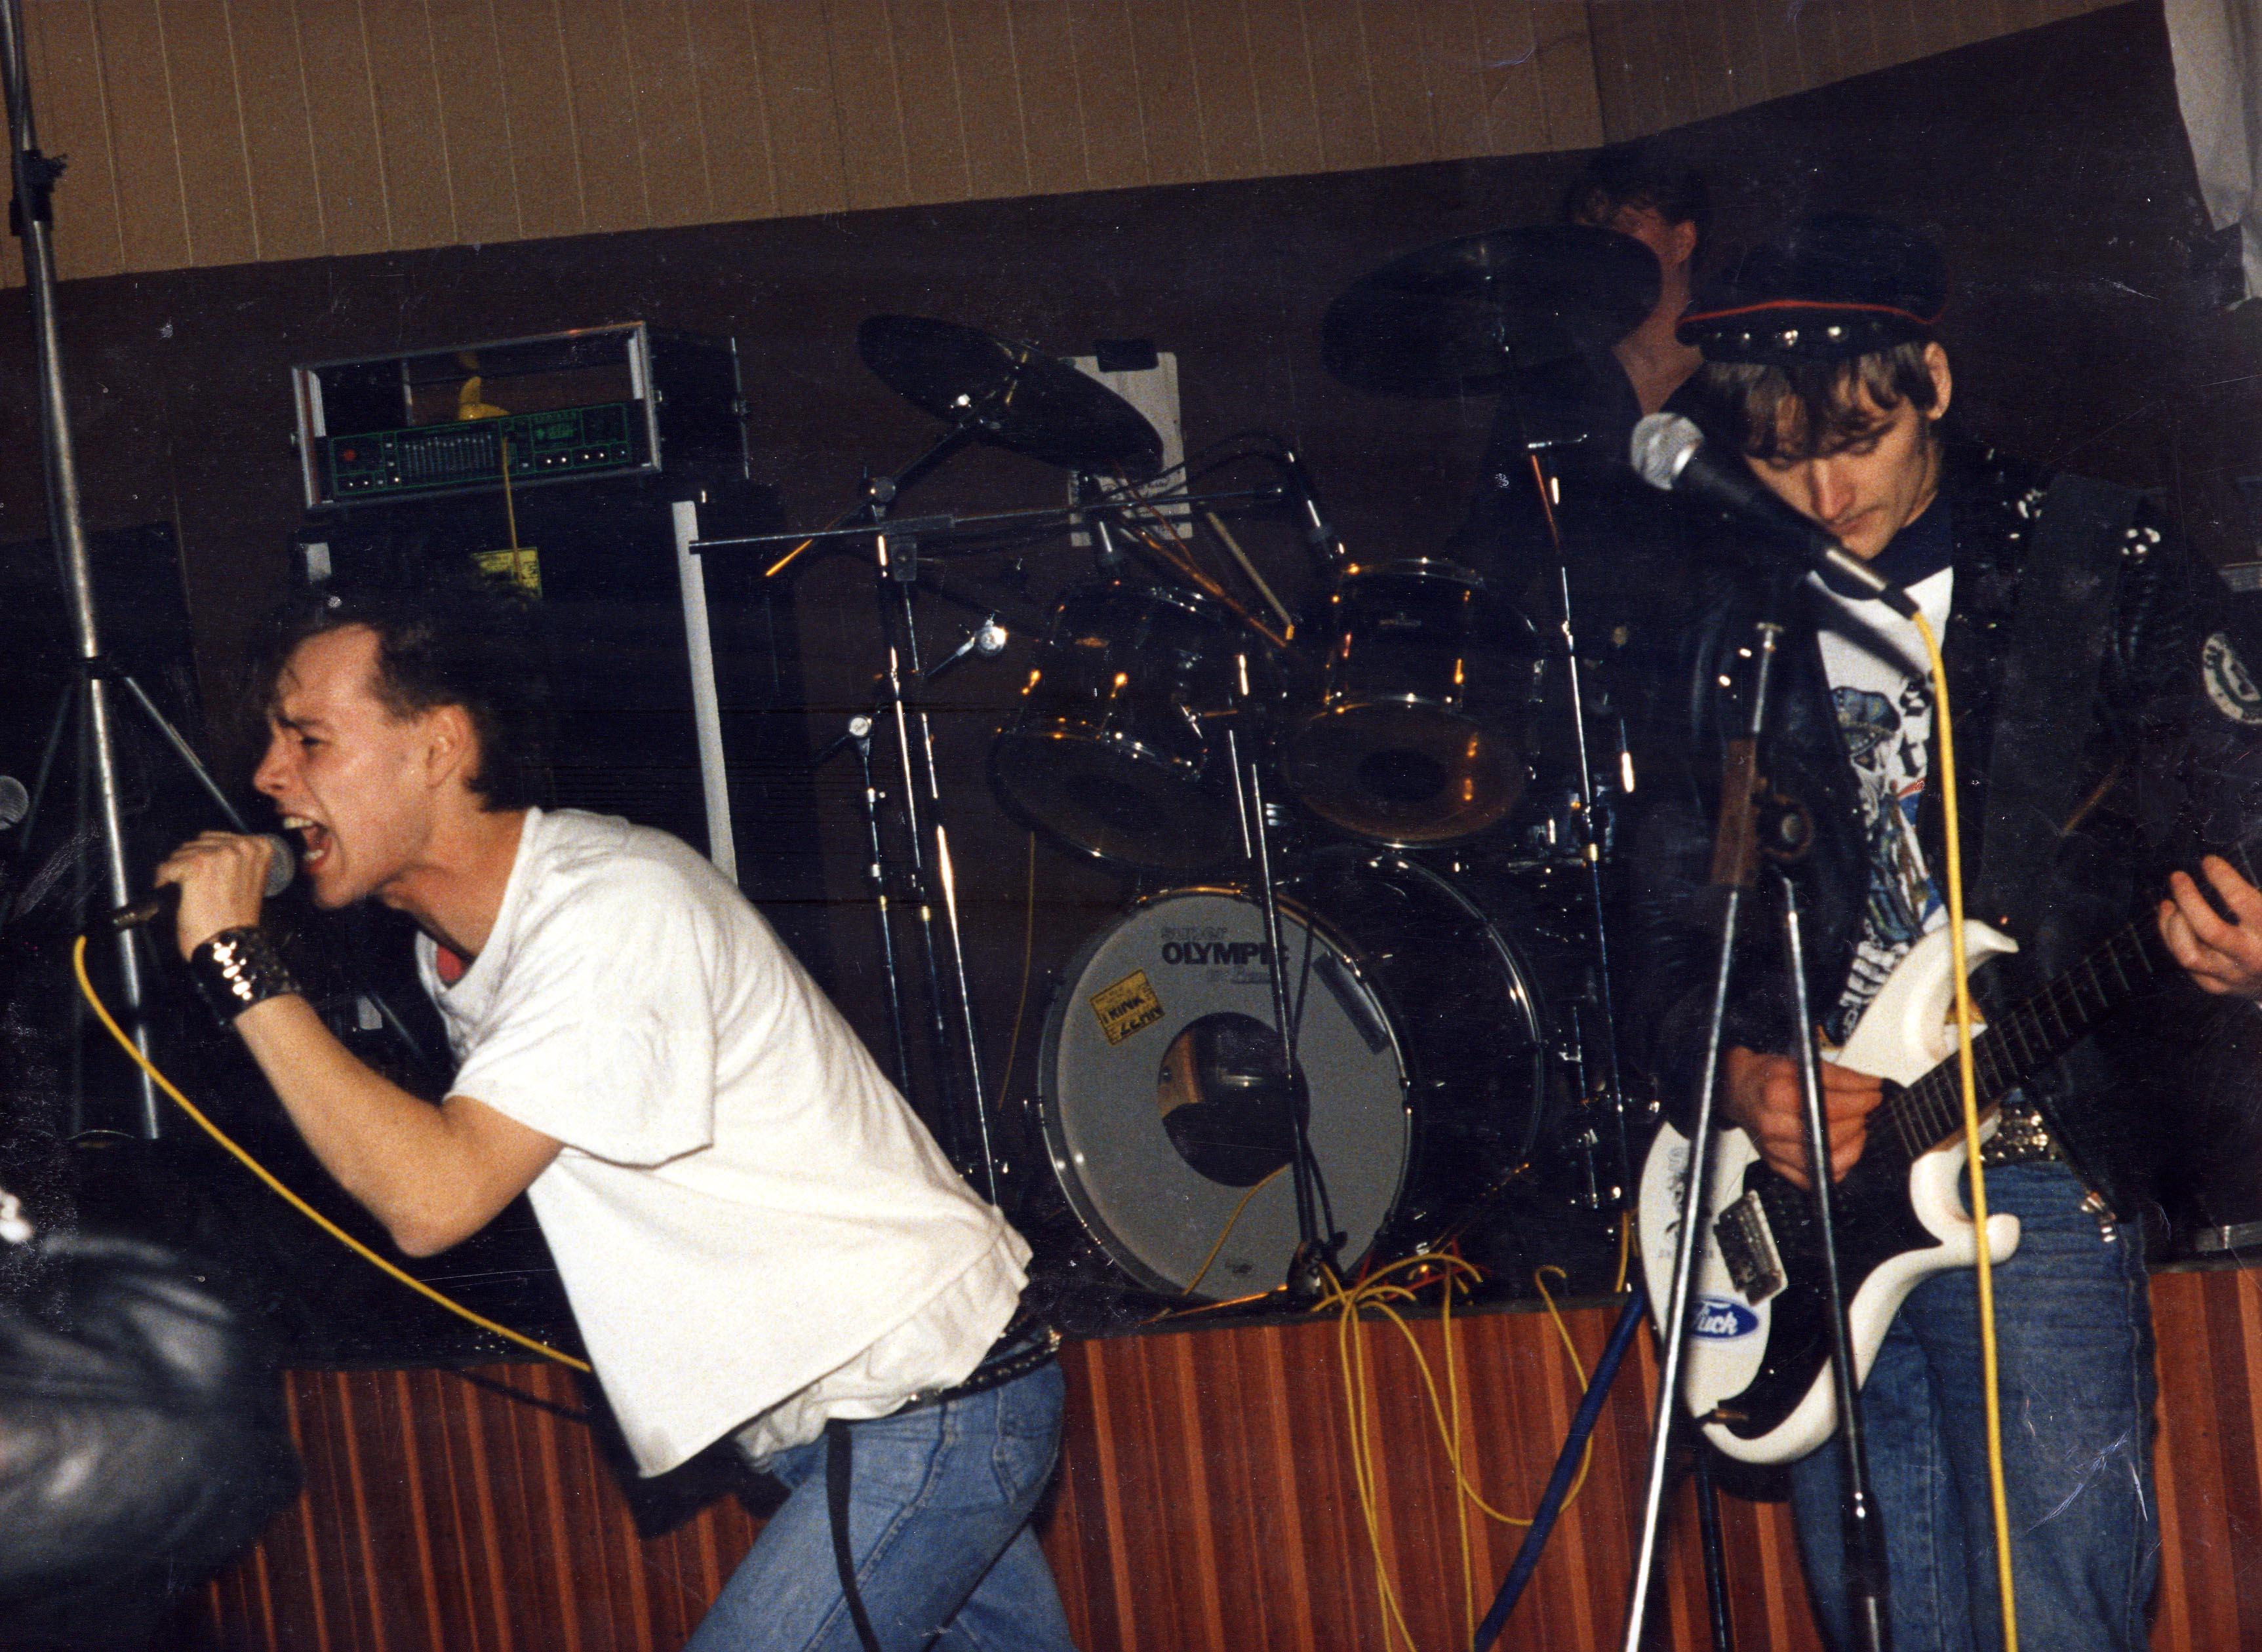 RF 17.2.1990 Marktschänke Hamm Pelkum Foto by Daisy – ☆computerstaat☆